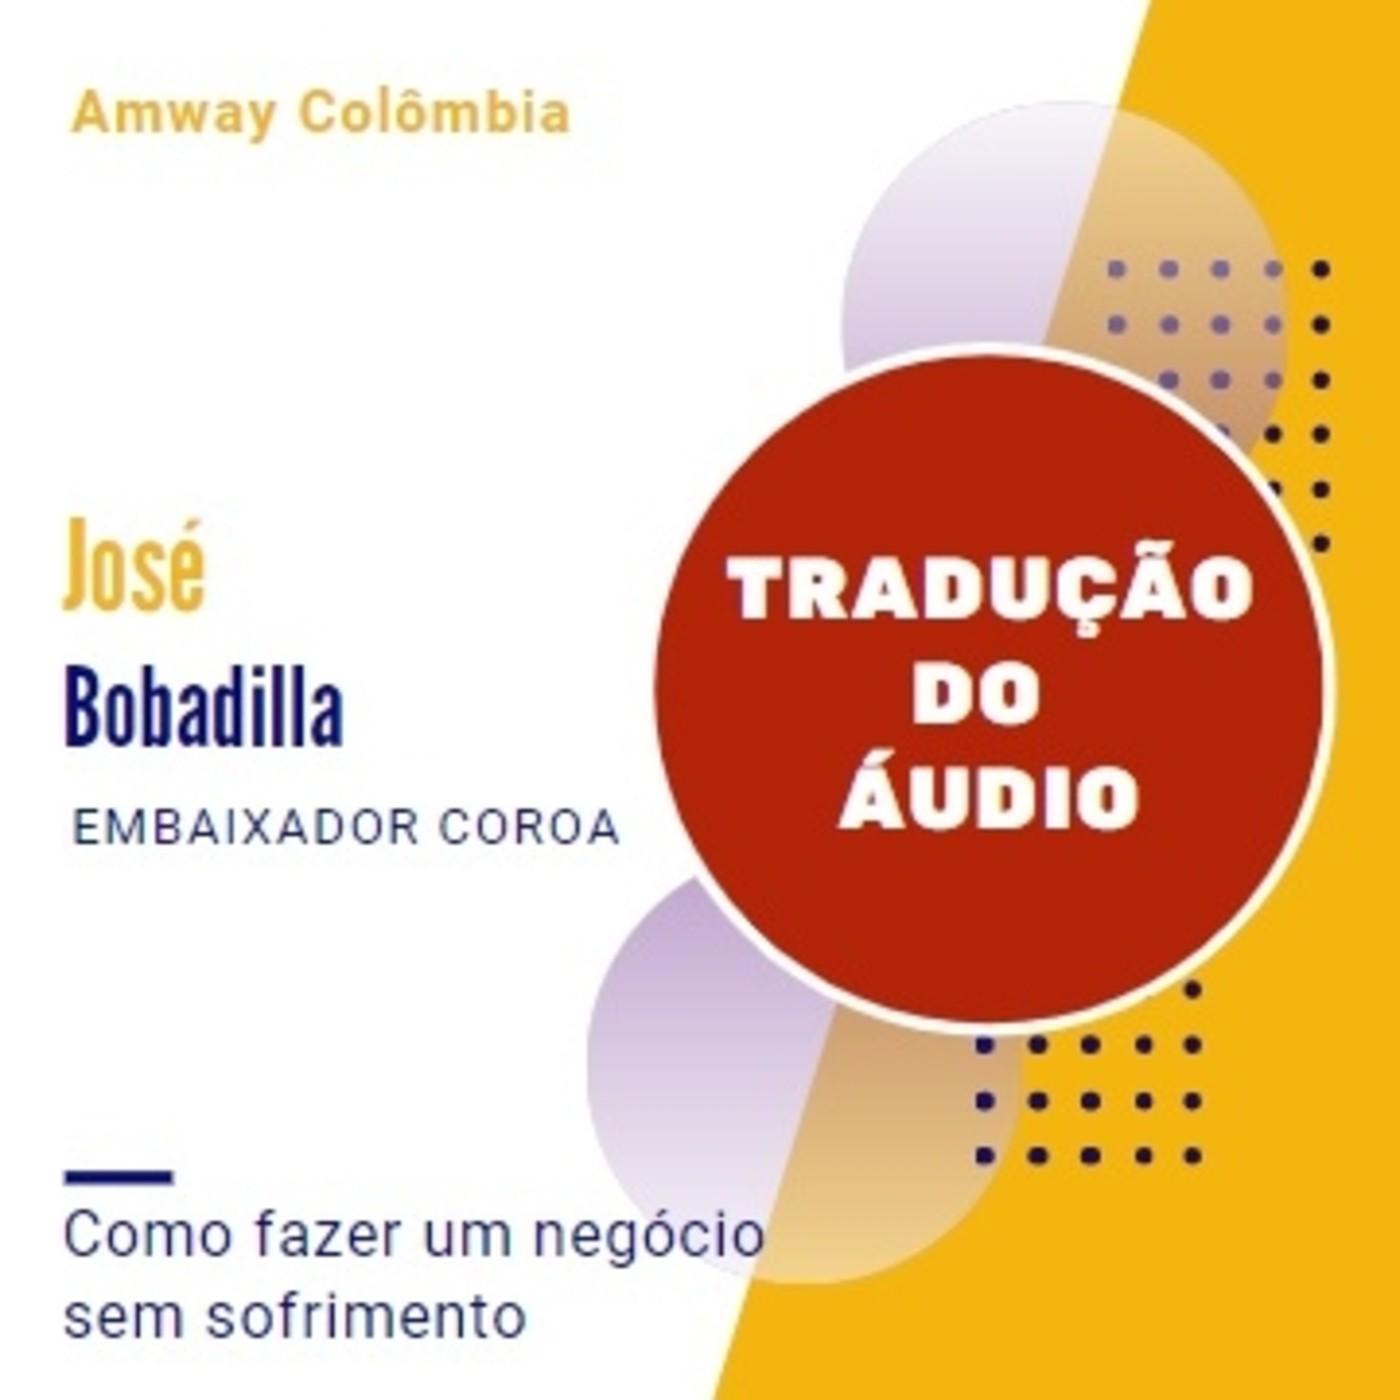 Como fazer um negócio sem sofrimento (Tradução) - José Bobadilla